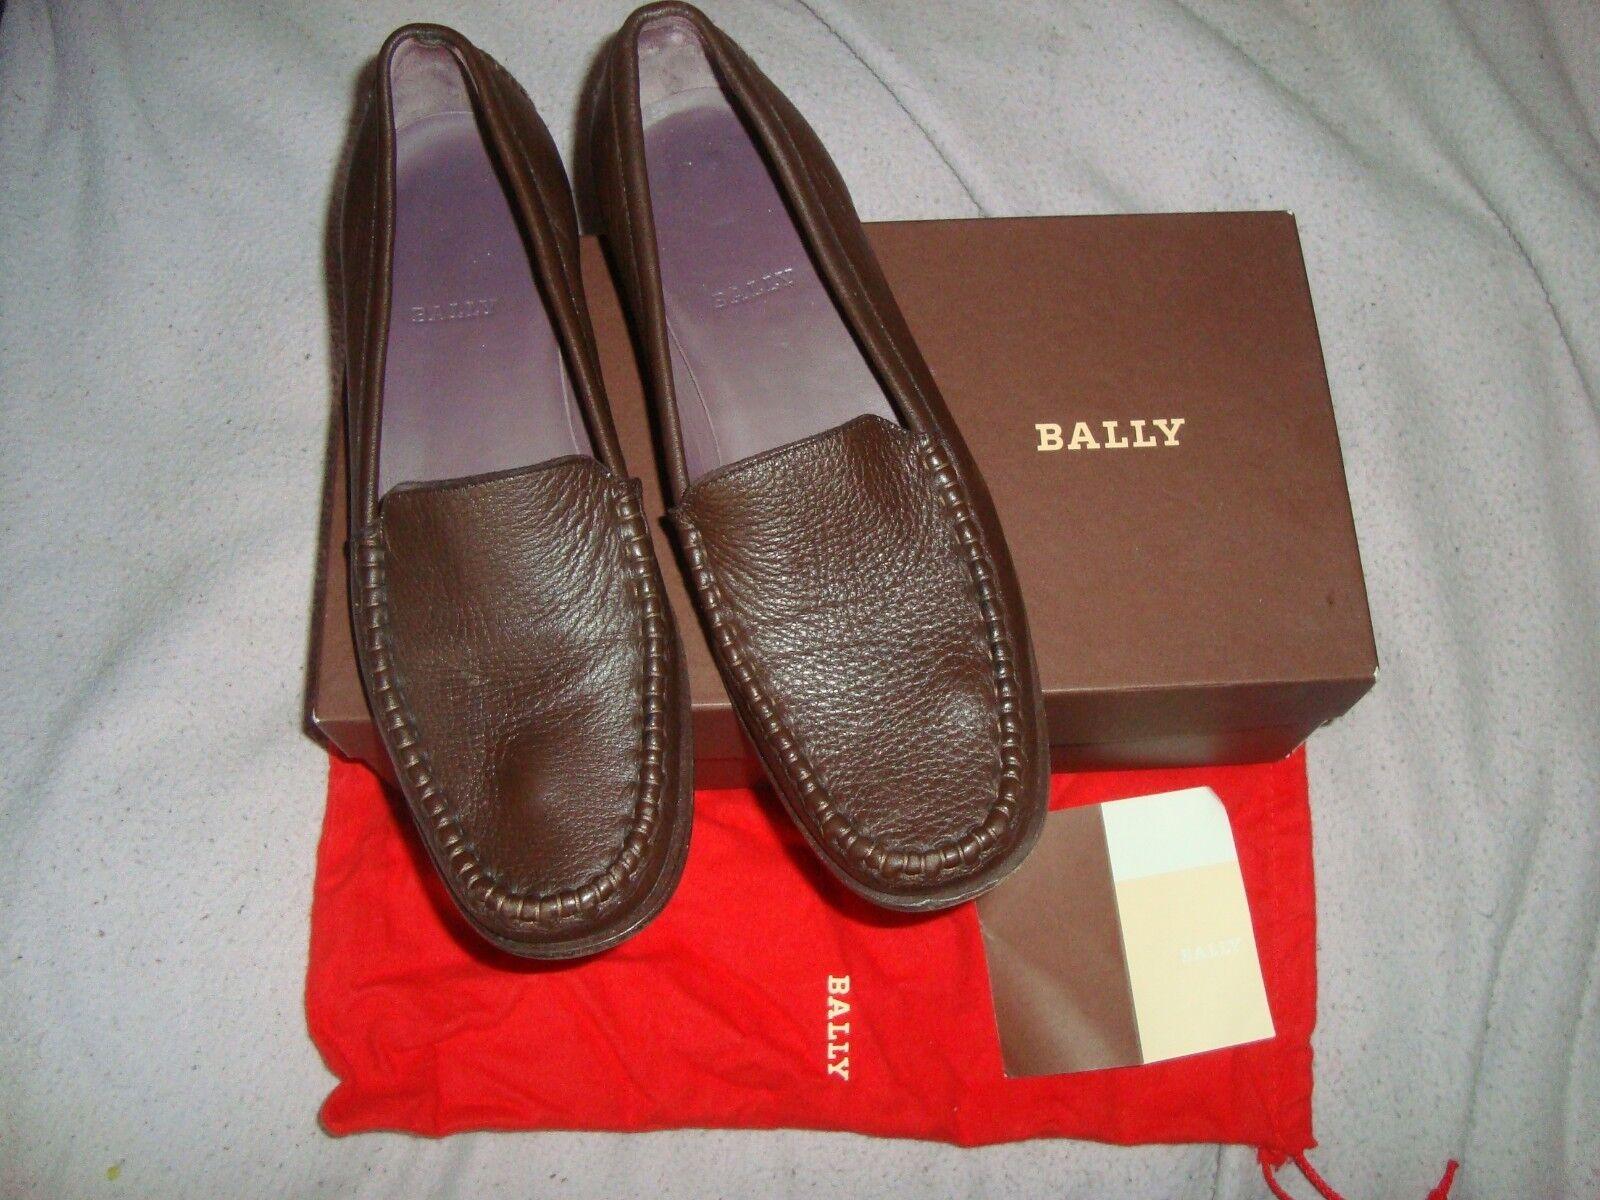 BALLY EU 40 US 9.5 Marrone Pelle Scarpe Mocassini RRP .00